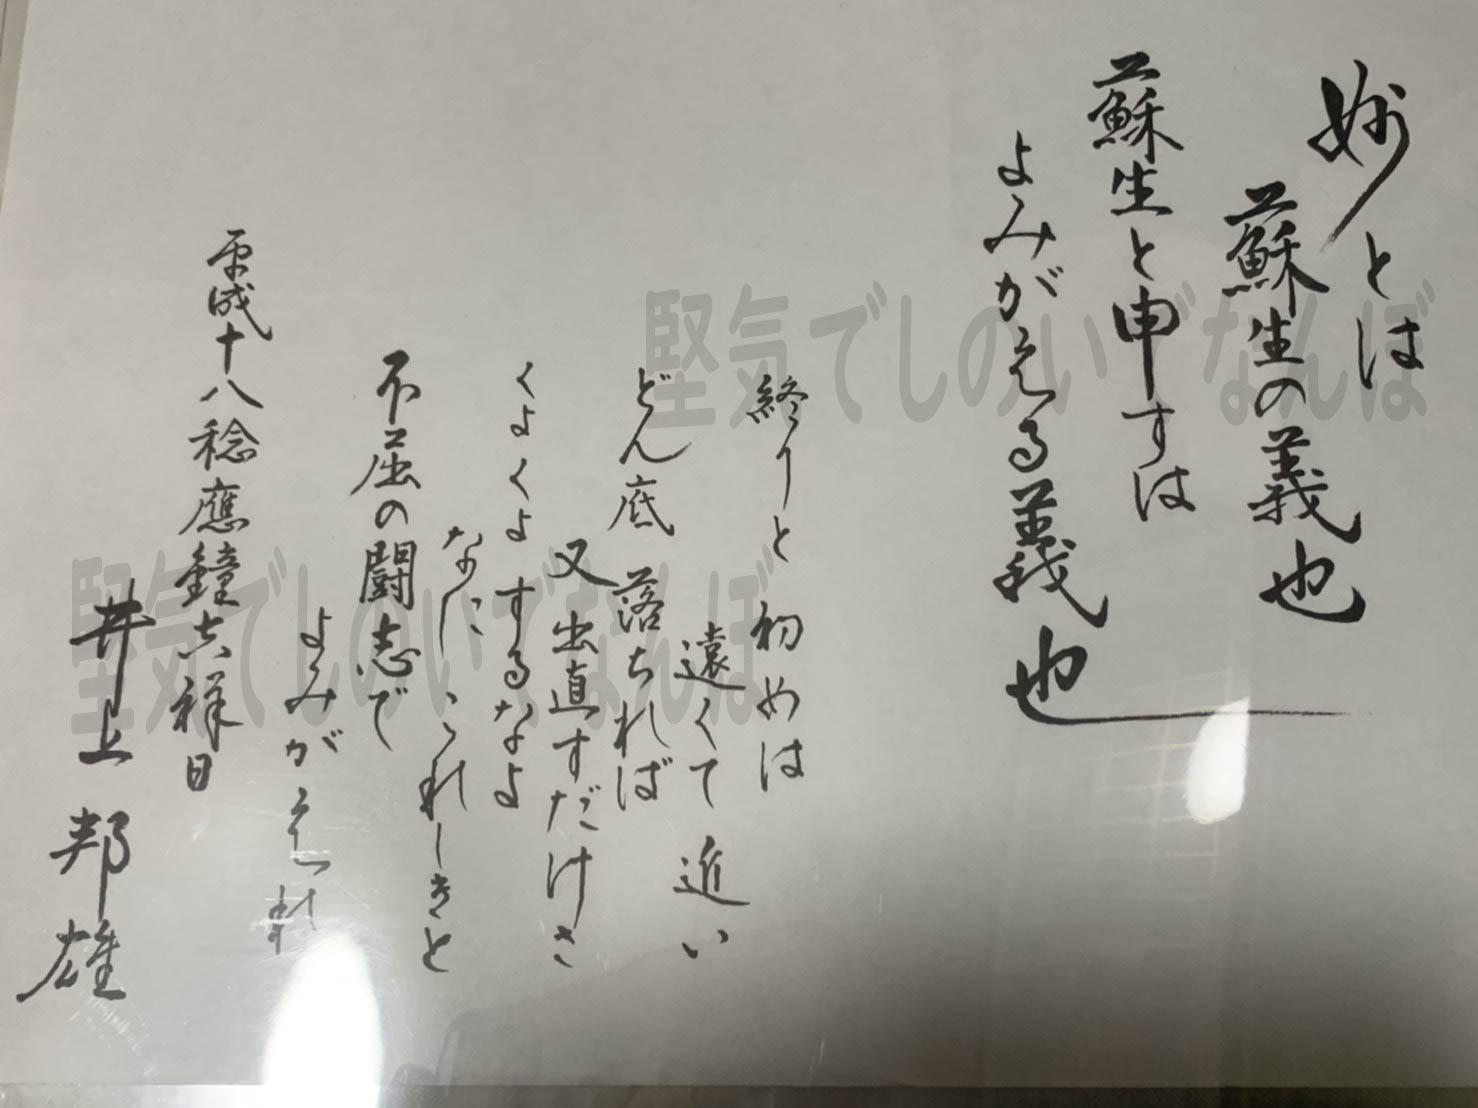 【高山清司若頭敵陣神戸に参上し勝利の祝杯か?】神戸山口組納会で太田興業引退解散、山健組はどうなるのか?